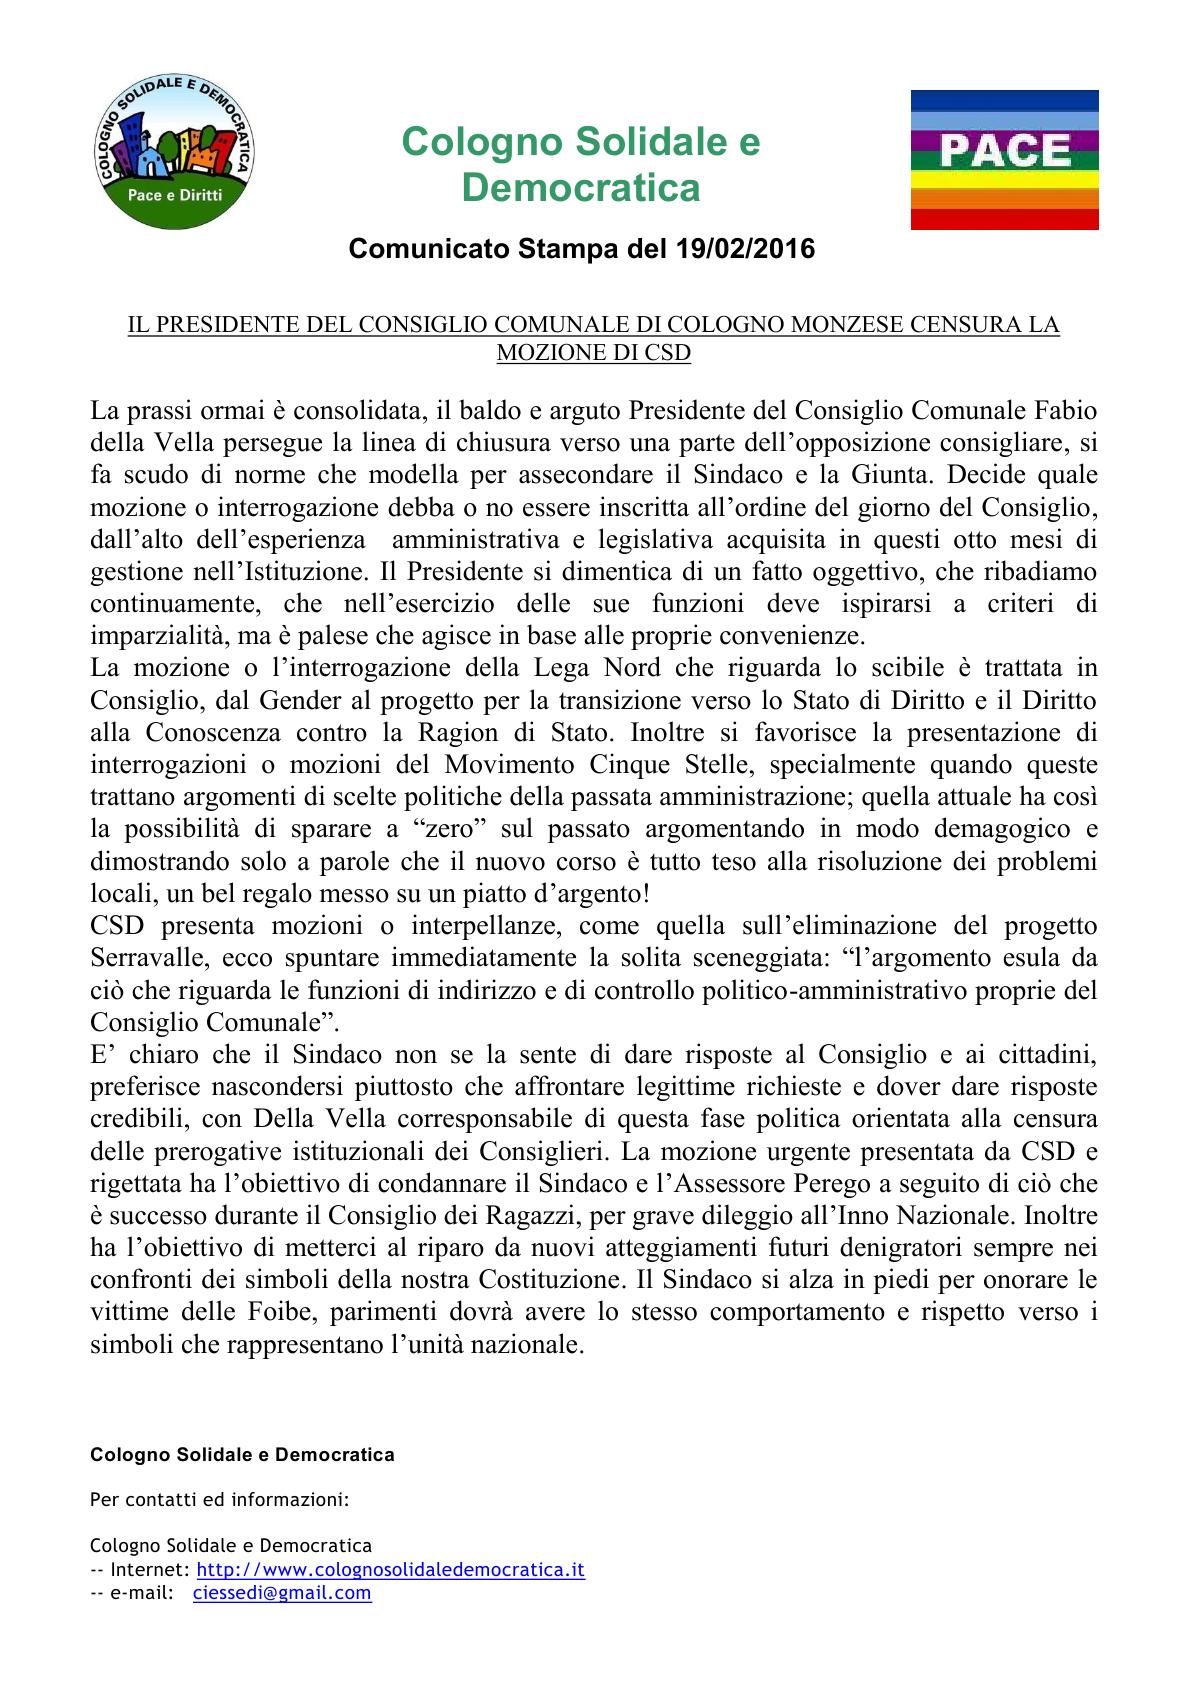 comunicato CSD censura sulle mozioni